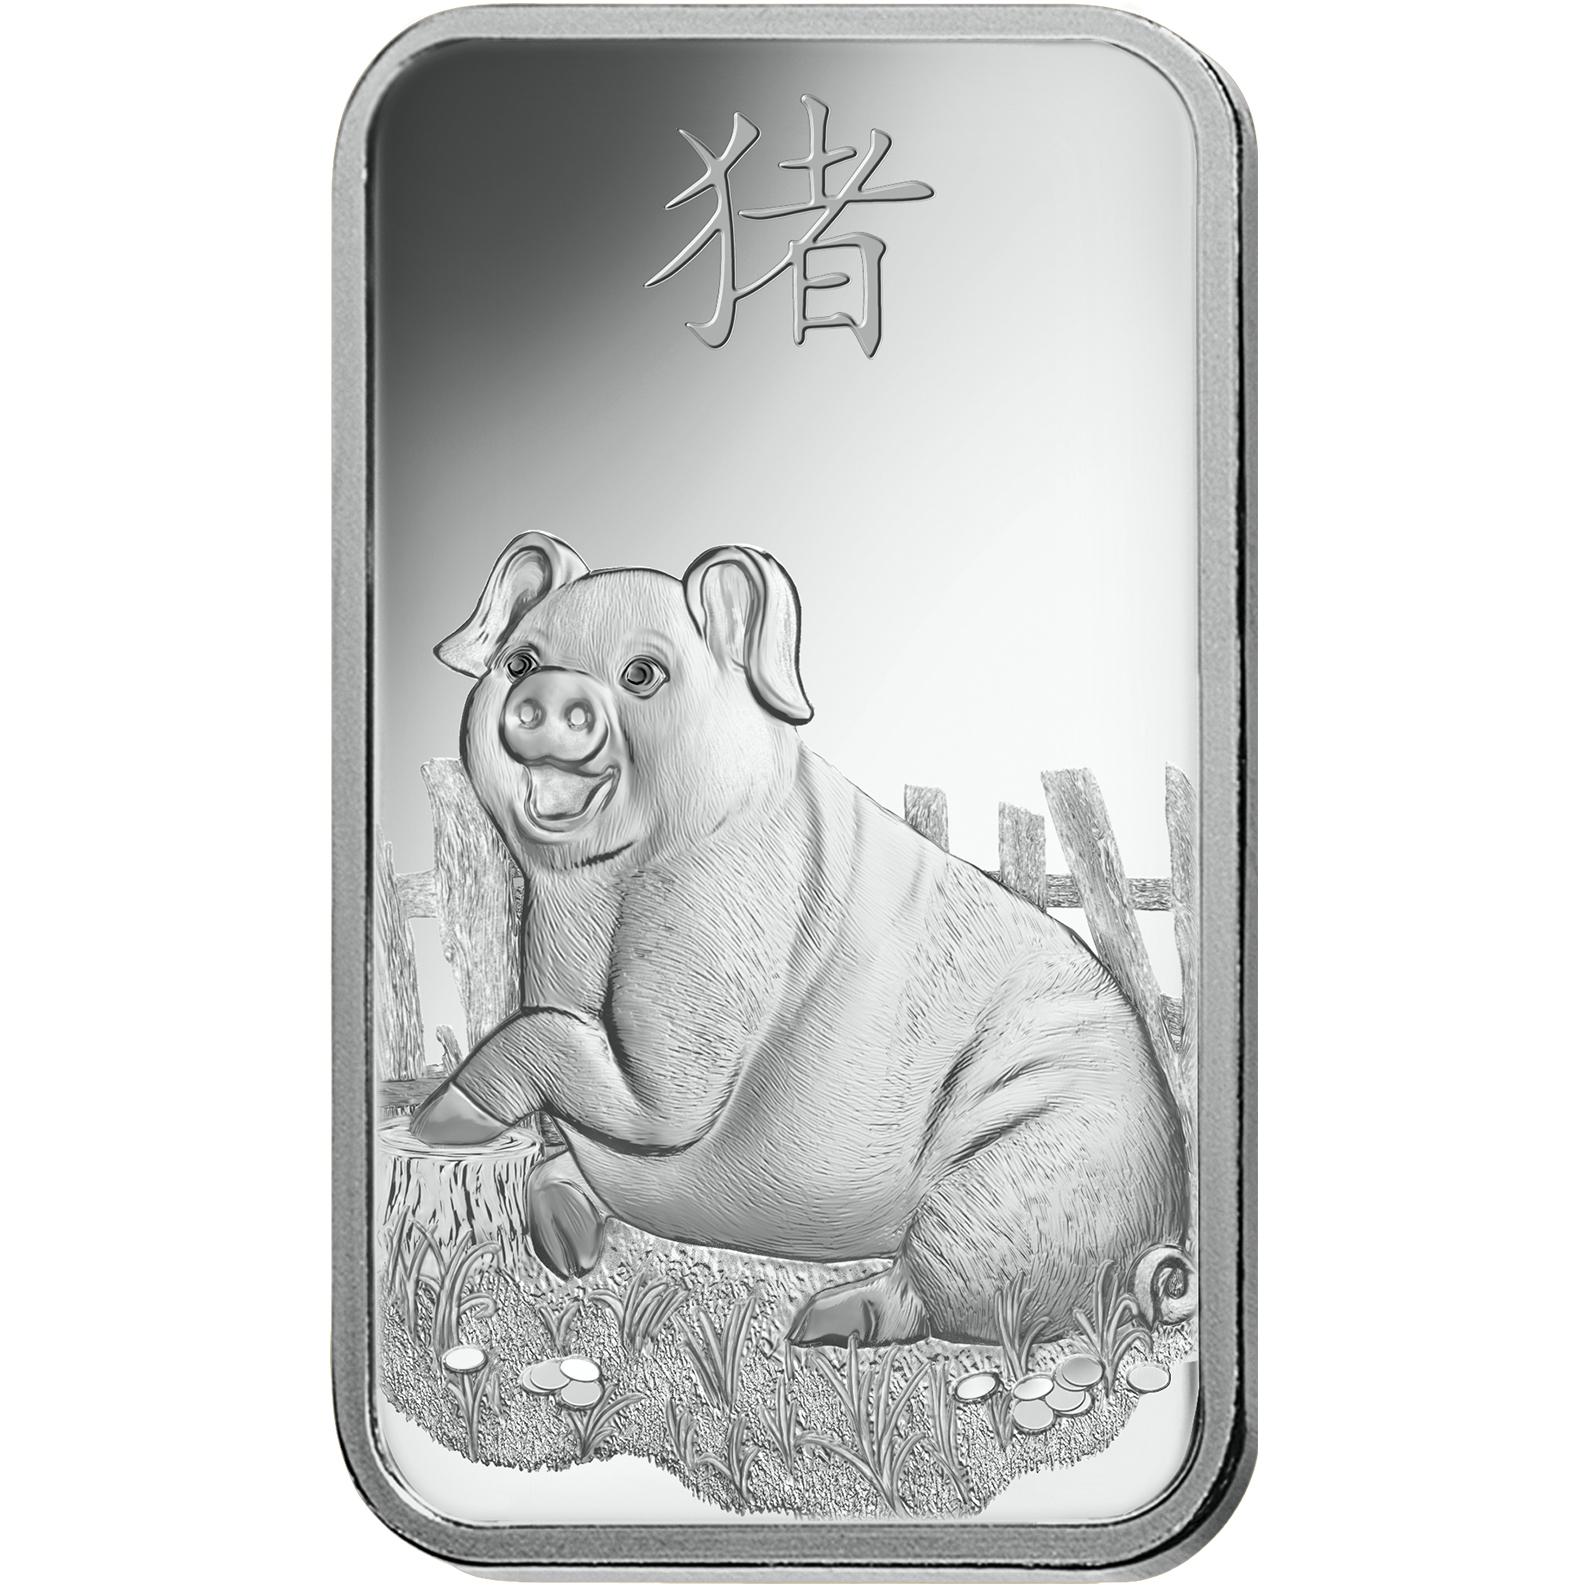 1 oz Fine Silver Bar 999.0 - PAMP Suisse Lunar Pig